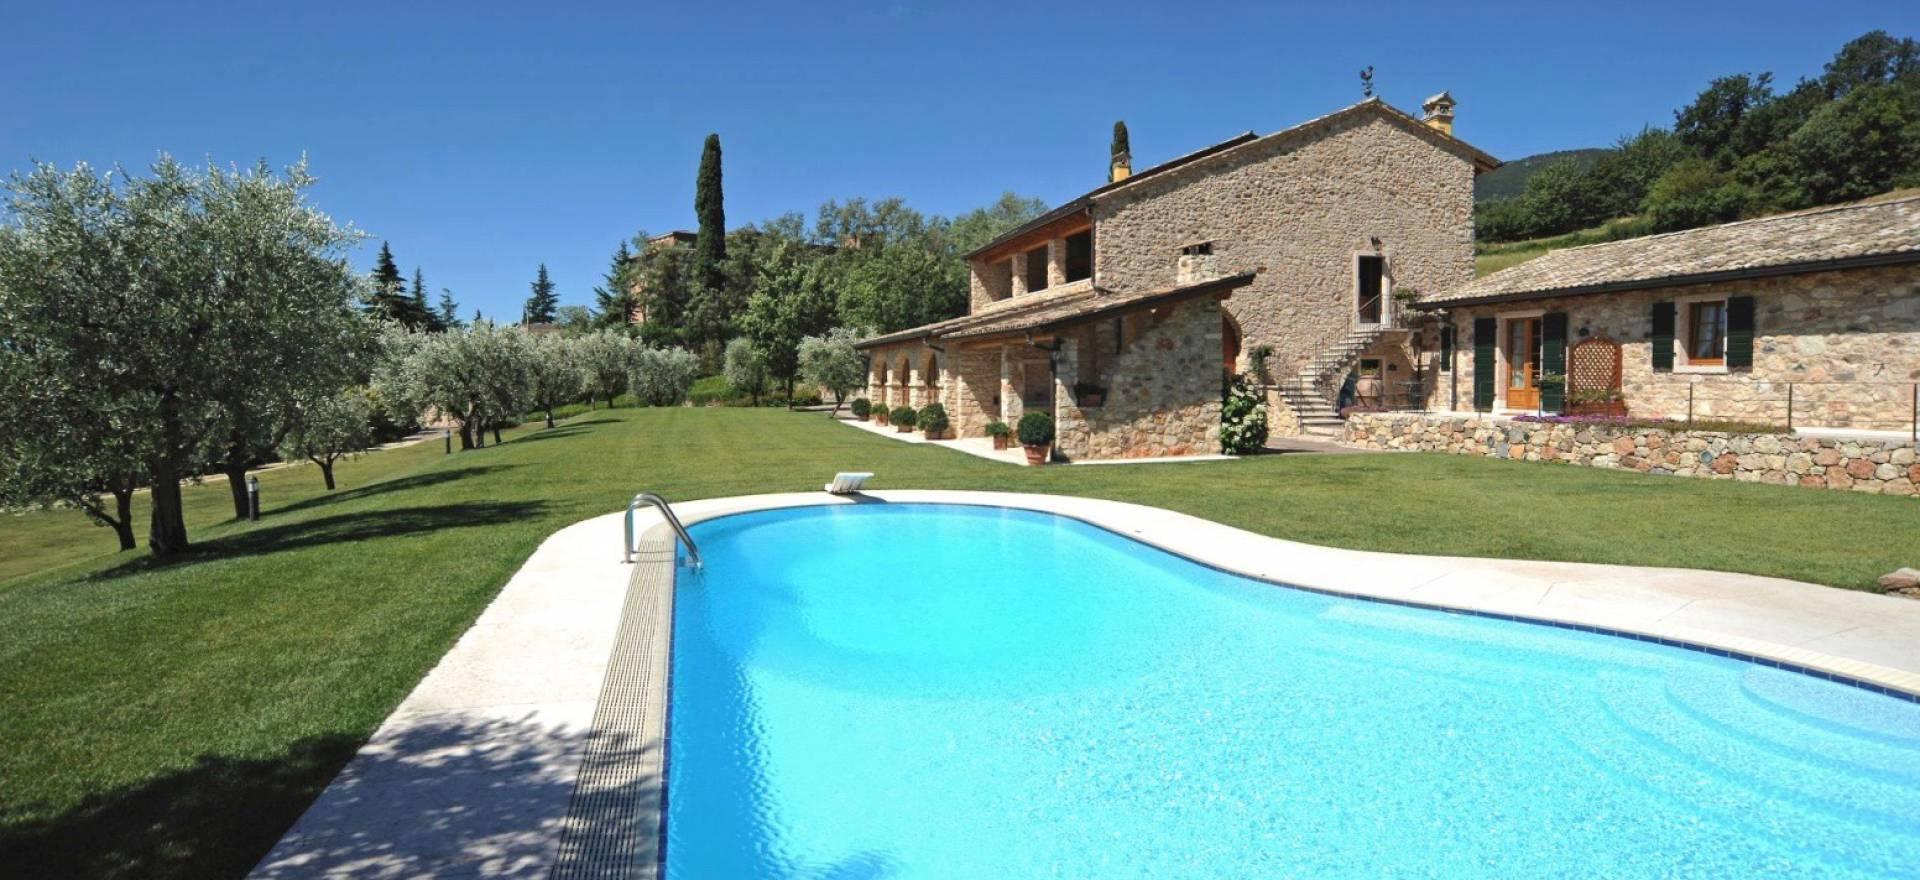 Agriturismo Lake Como and Lake Garda Agriturismo Lake Garda, lovely apartments with terrace